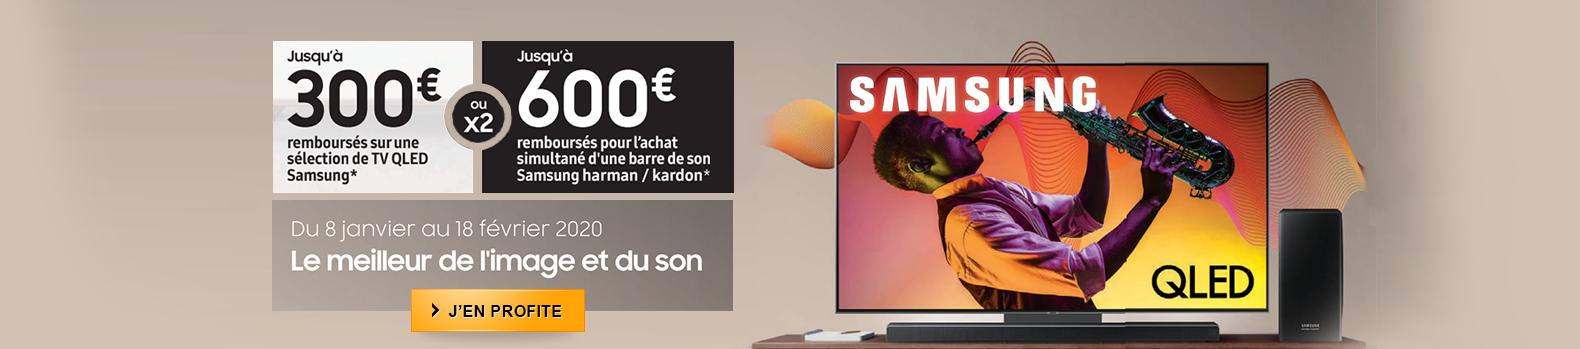 Jusqu'au 600 € remboursés par Samsung jusqu'au 18 février 2020